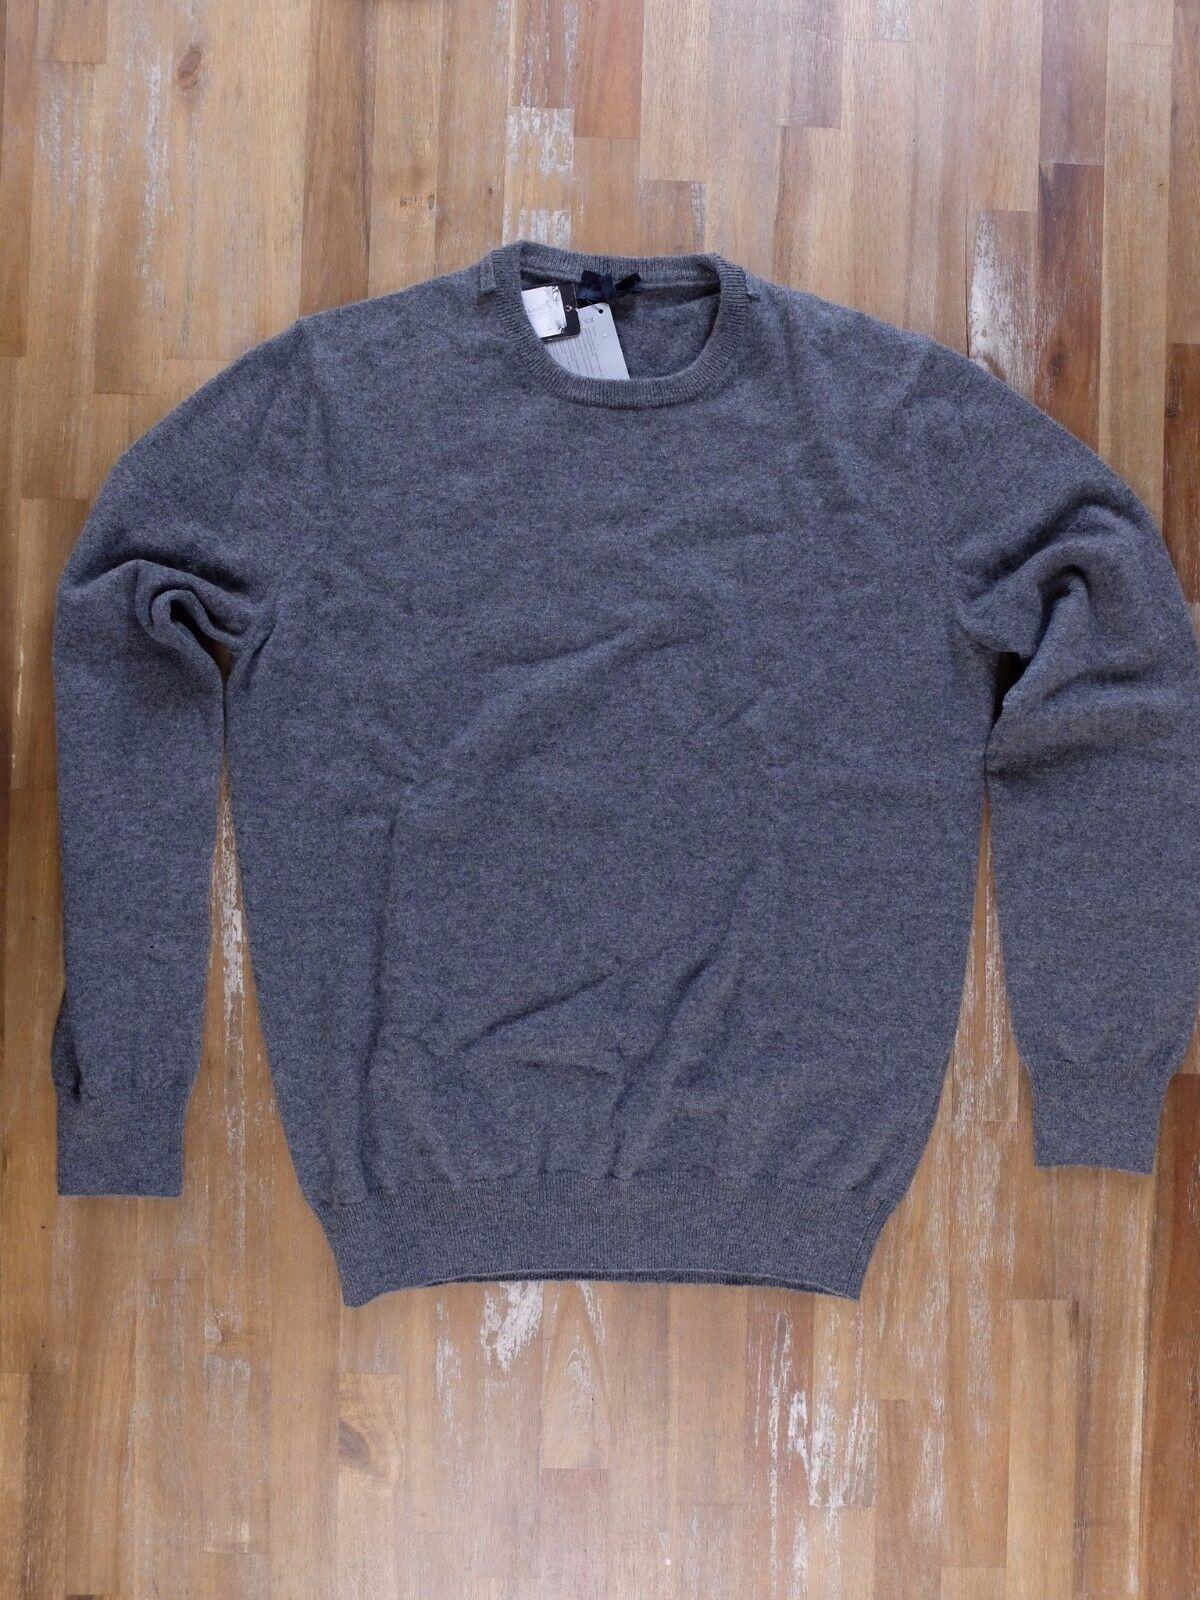 LANVIN Paris solid grau 100% cashmere sweater authentic - Größe 52 / Large - NWOT